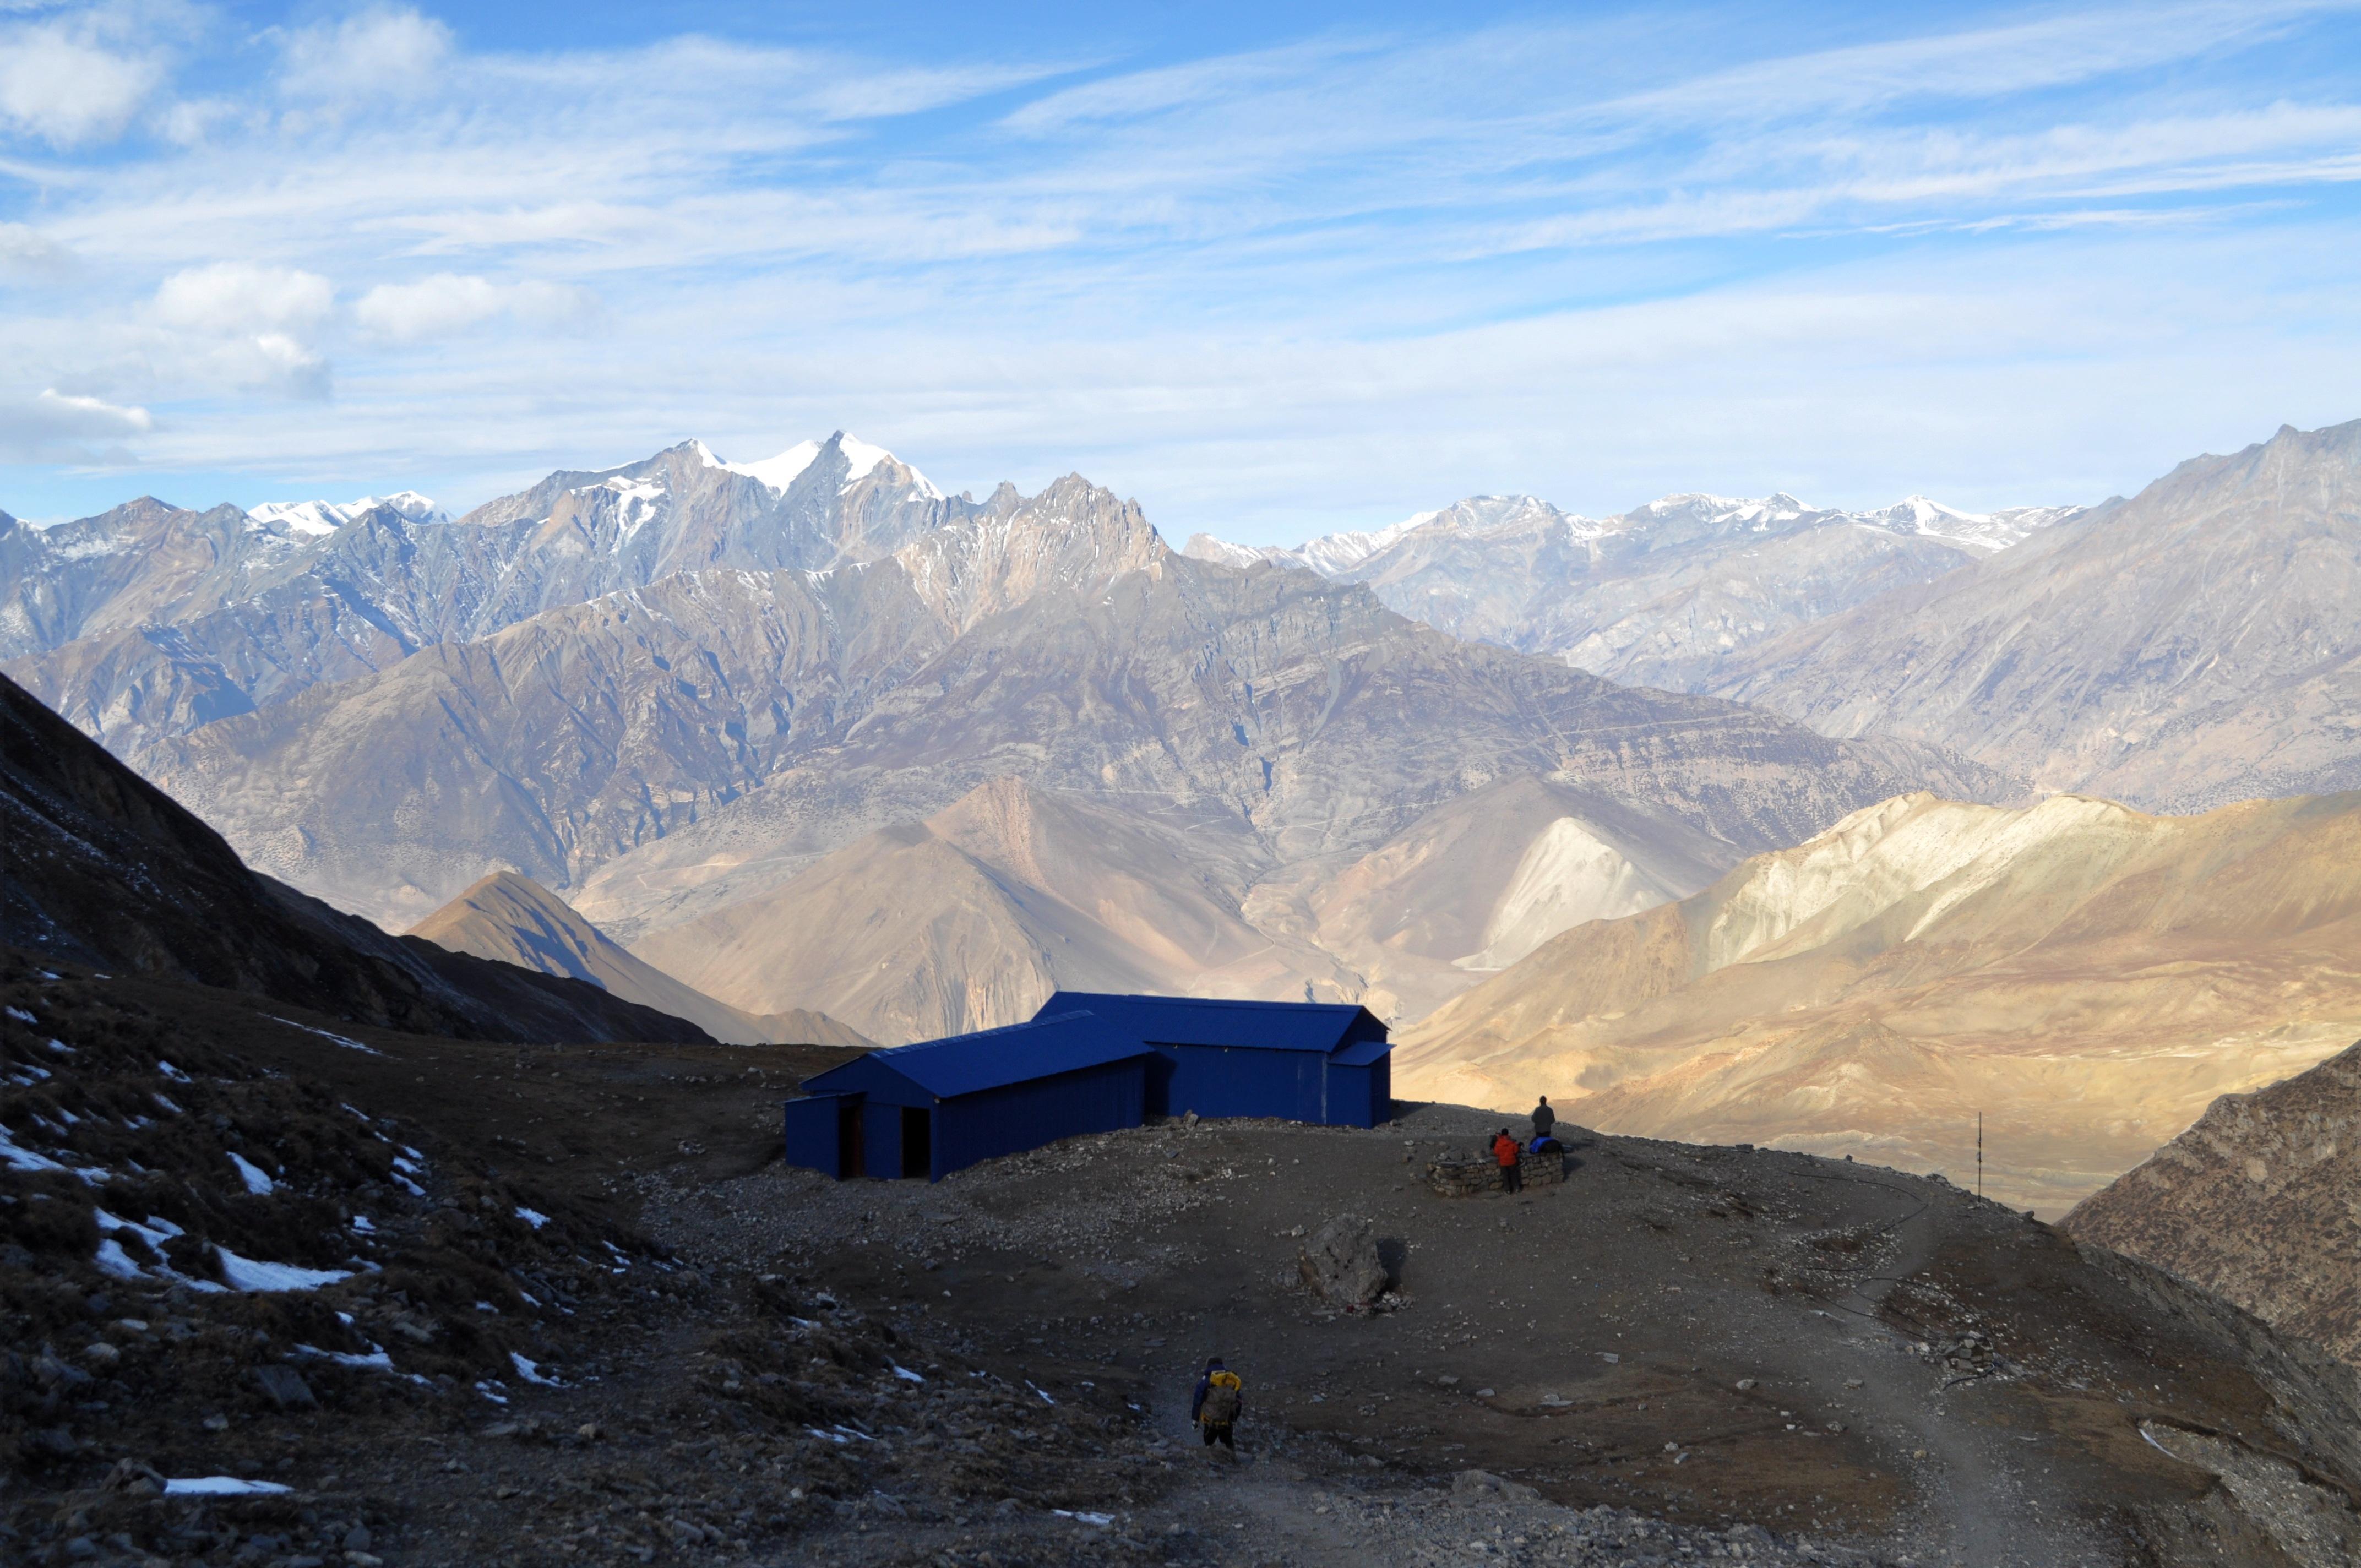 le casette azzurre, nate come rifugi in caso di tempeste di vento